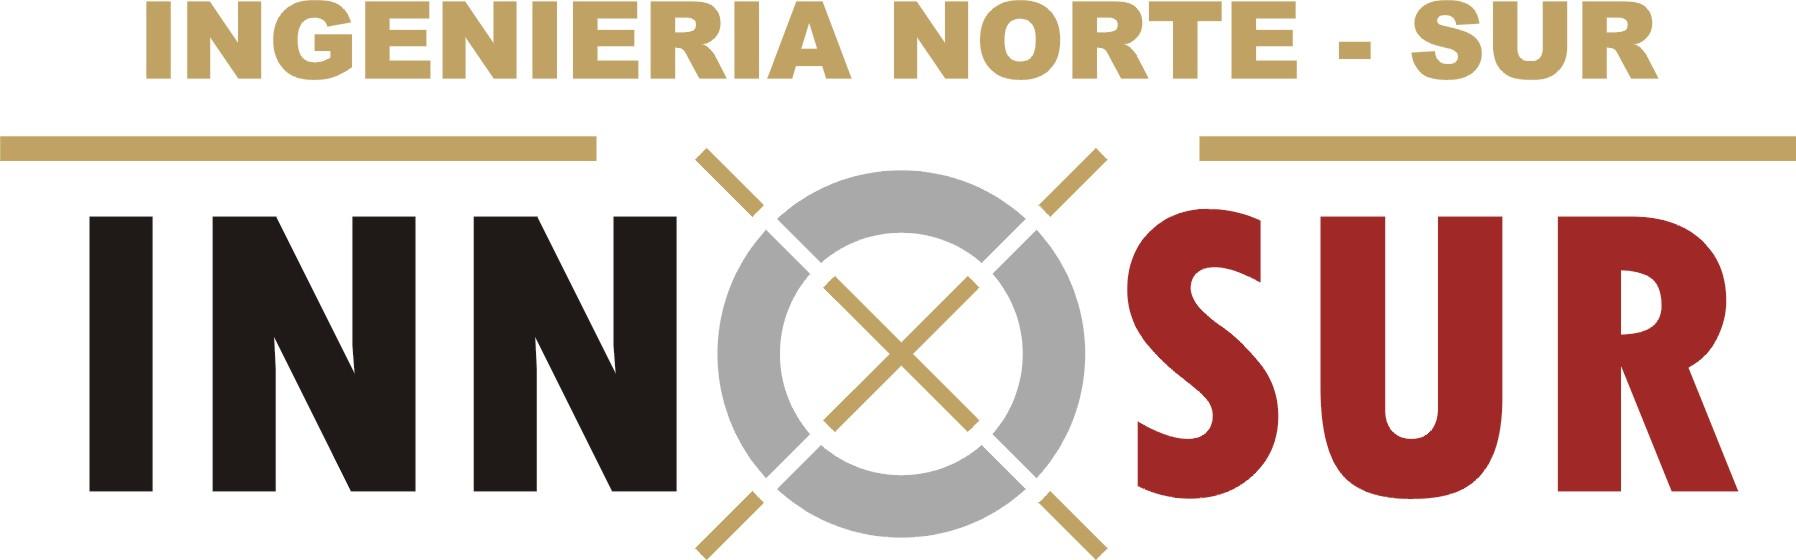 Ingenieria Norte-sur, S.l.u.